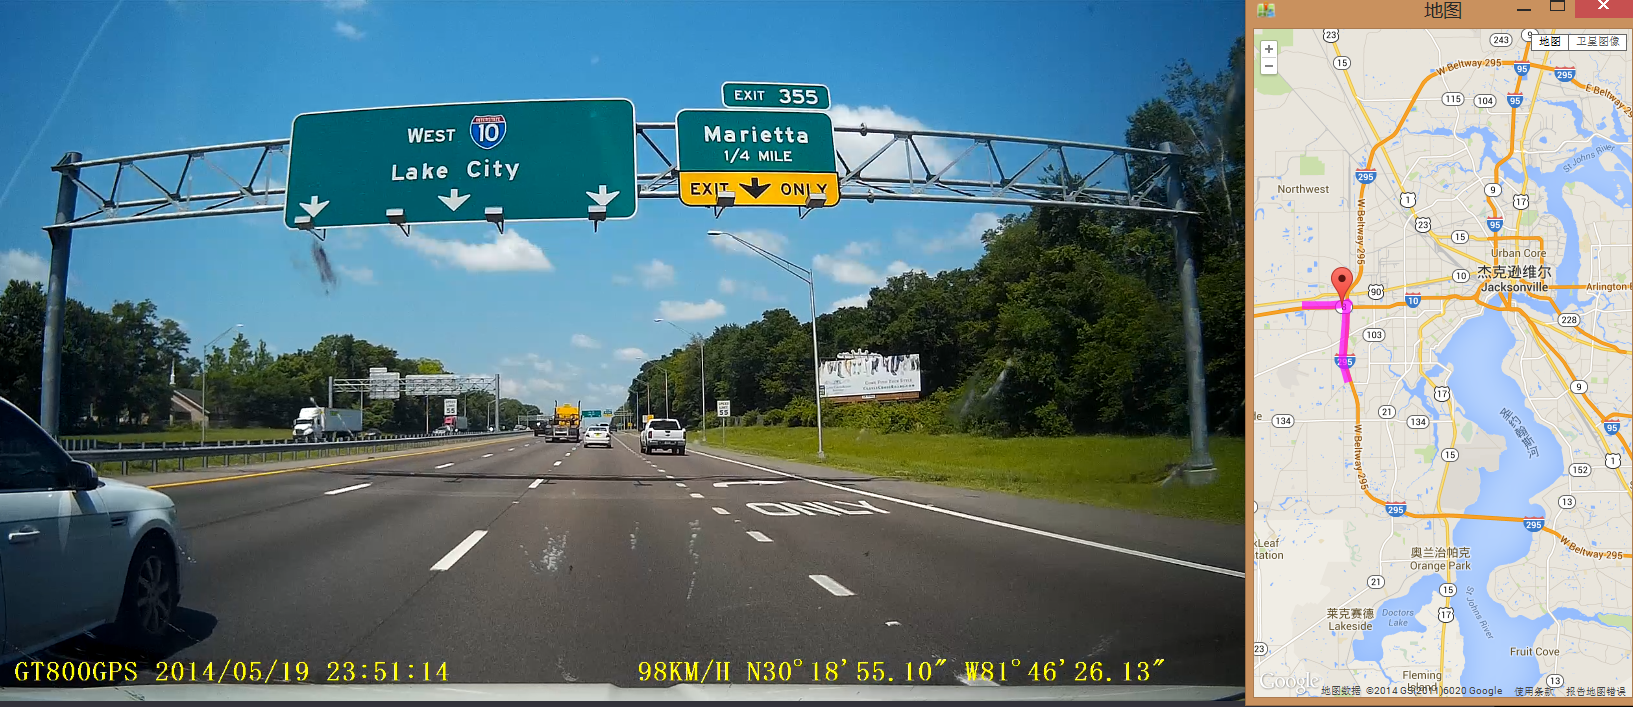 那年,我们跟着龙颖,环游美加(十一) Freeway——美国的高速公路